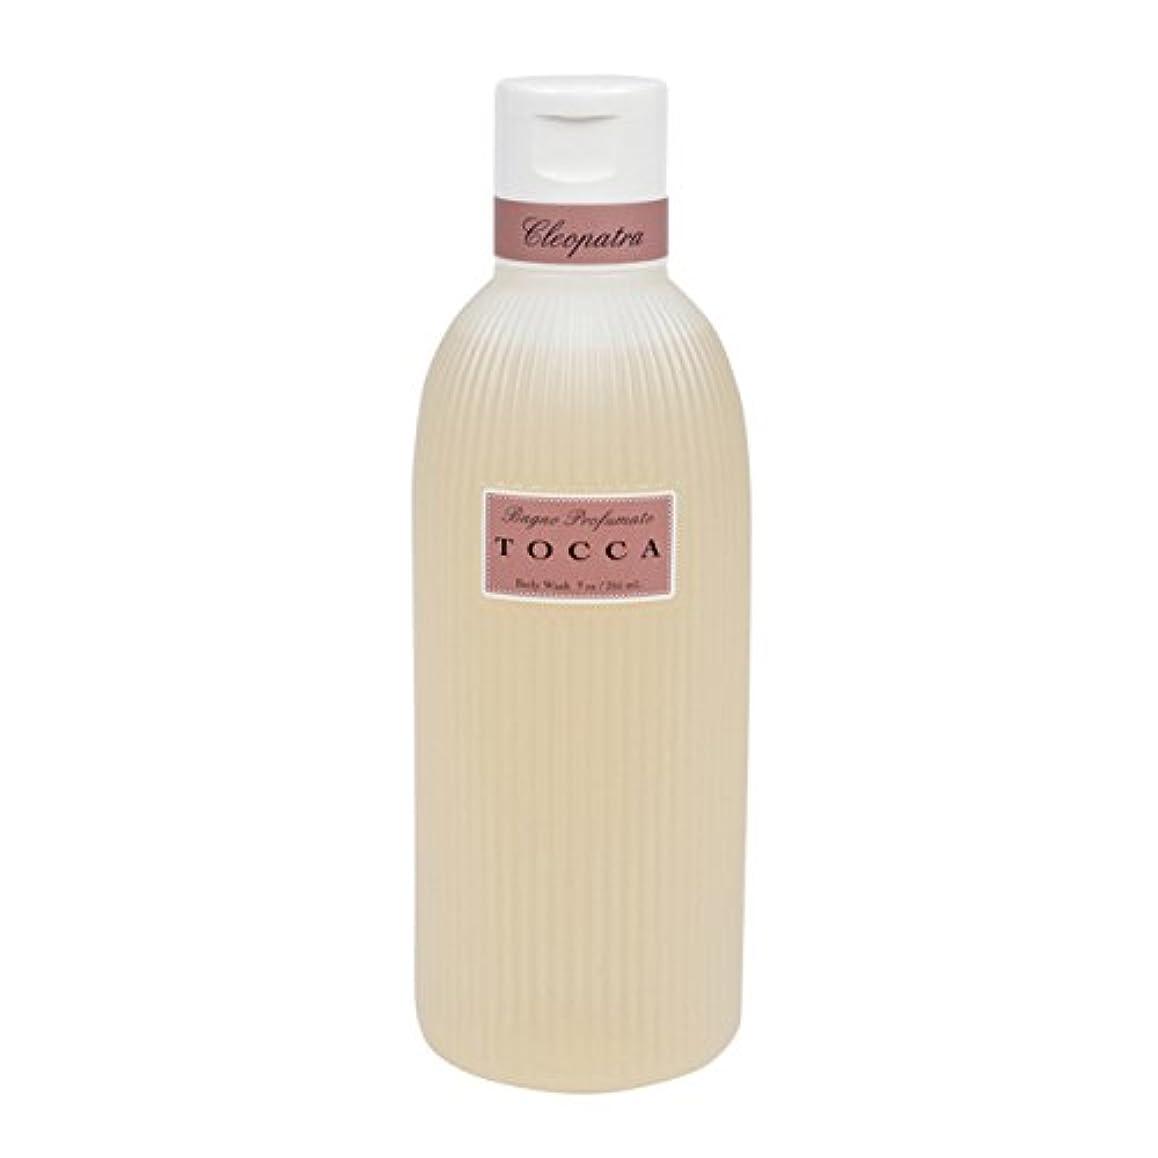 すべて連隊そうでなければトッカ(TOCCA) ボディーケアウォッシュ クレオパトラの香り 266ml(全身用洗浄料 ボディーソープ グレープフルーツとキューカンバーのフレッシュでクリーンな香り)